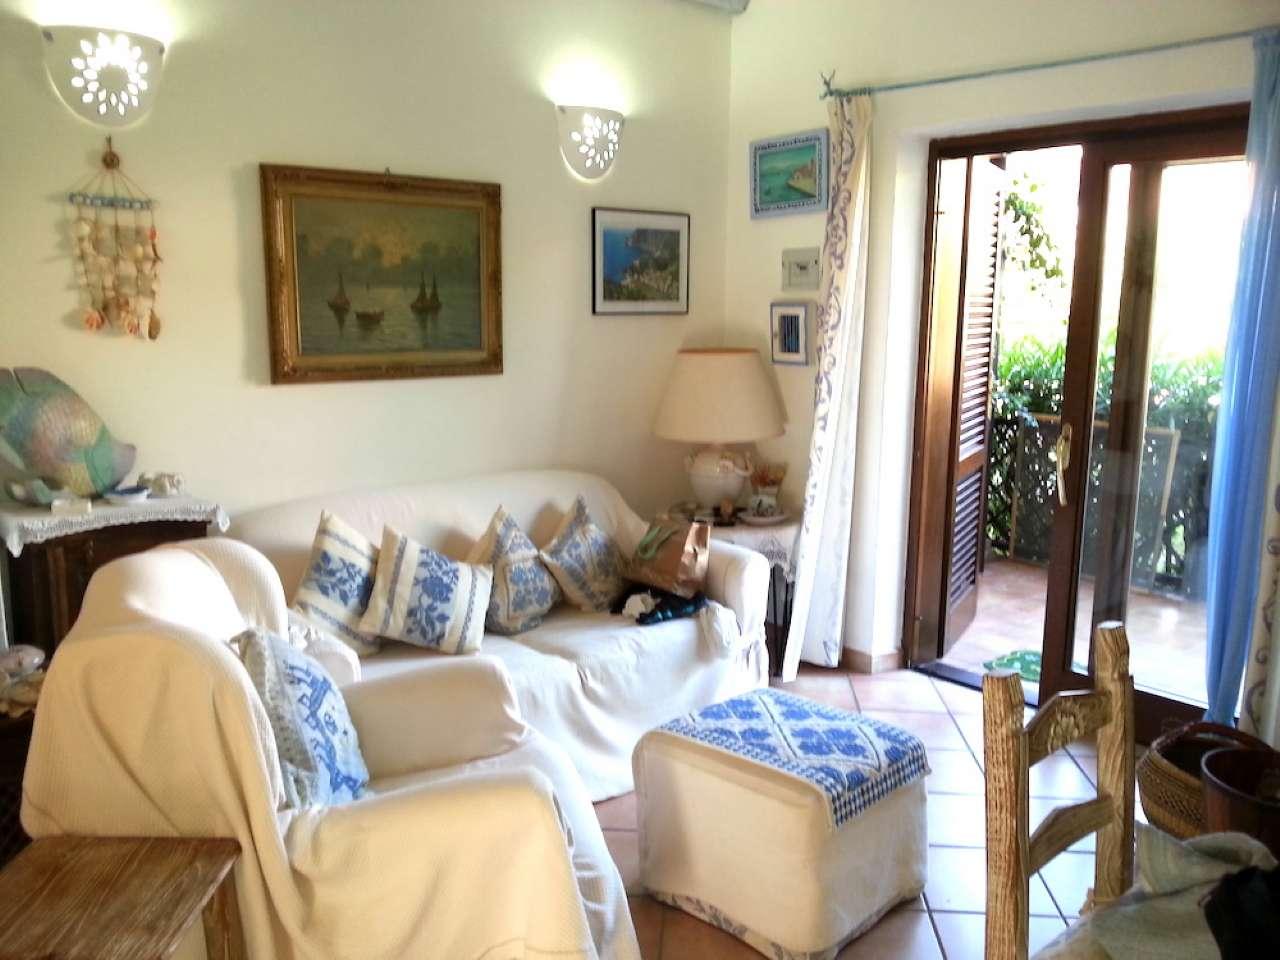 Appartamento in vendita a Arzachena - Porto Cervo, 4 locali, prezzo € 200.000 | PortaleAgenzieImmobiliari.it